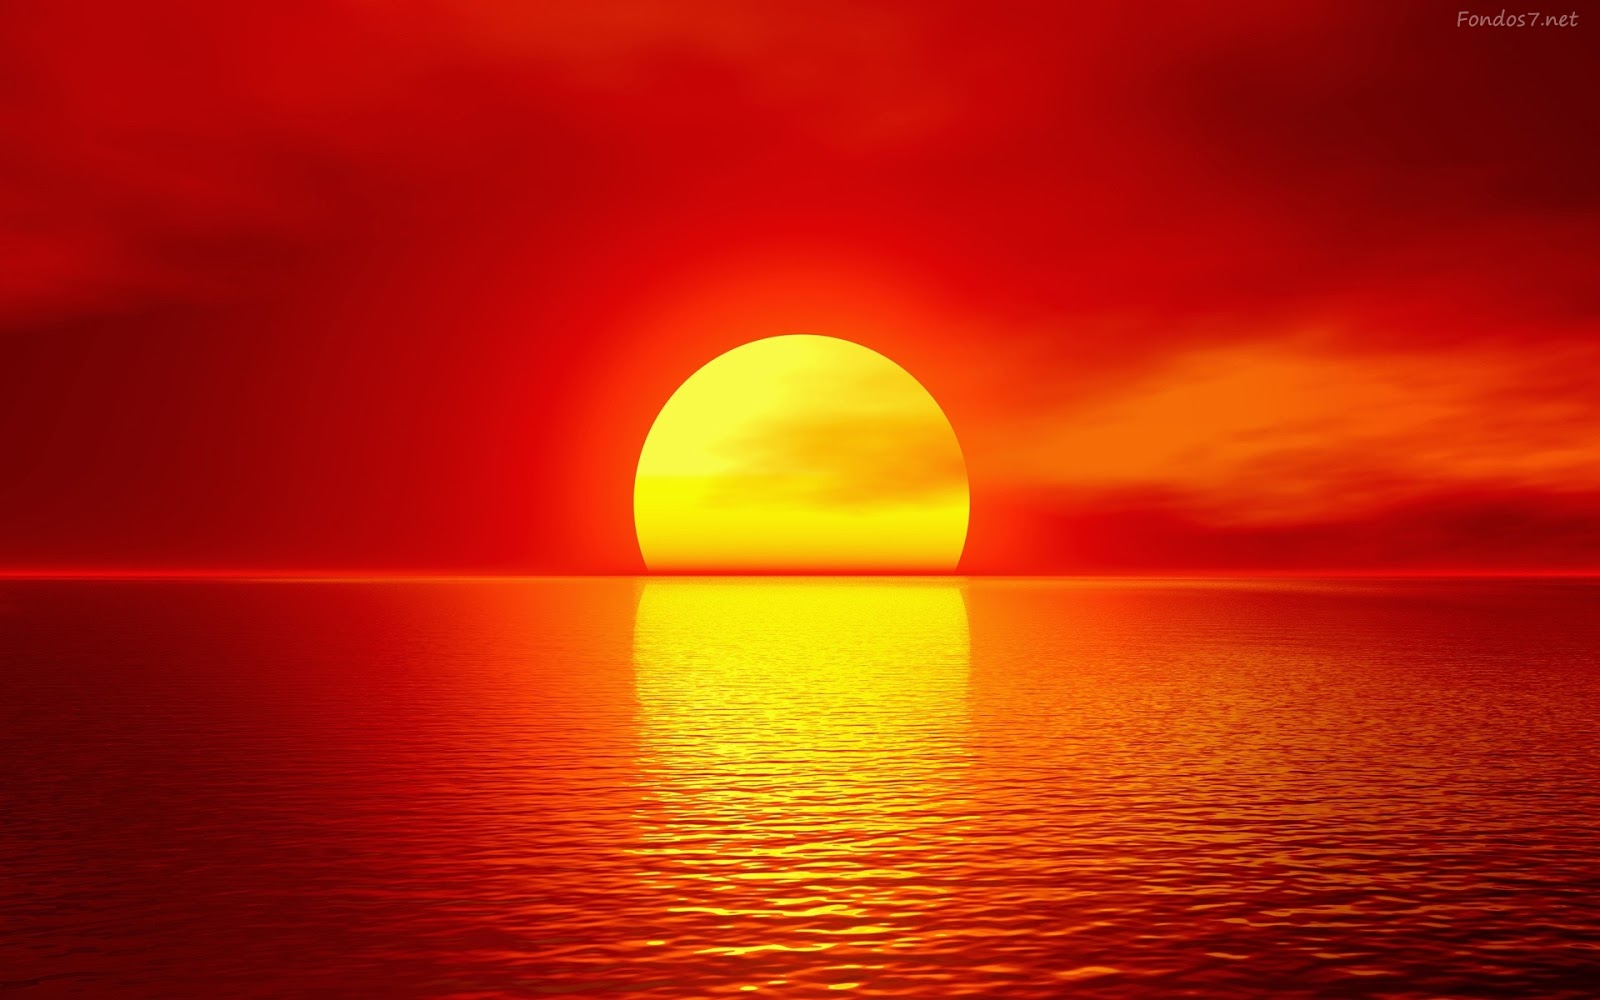 El sol es el mejor antidepresivo natural 1600x1000